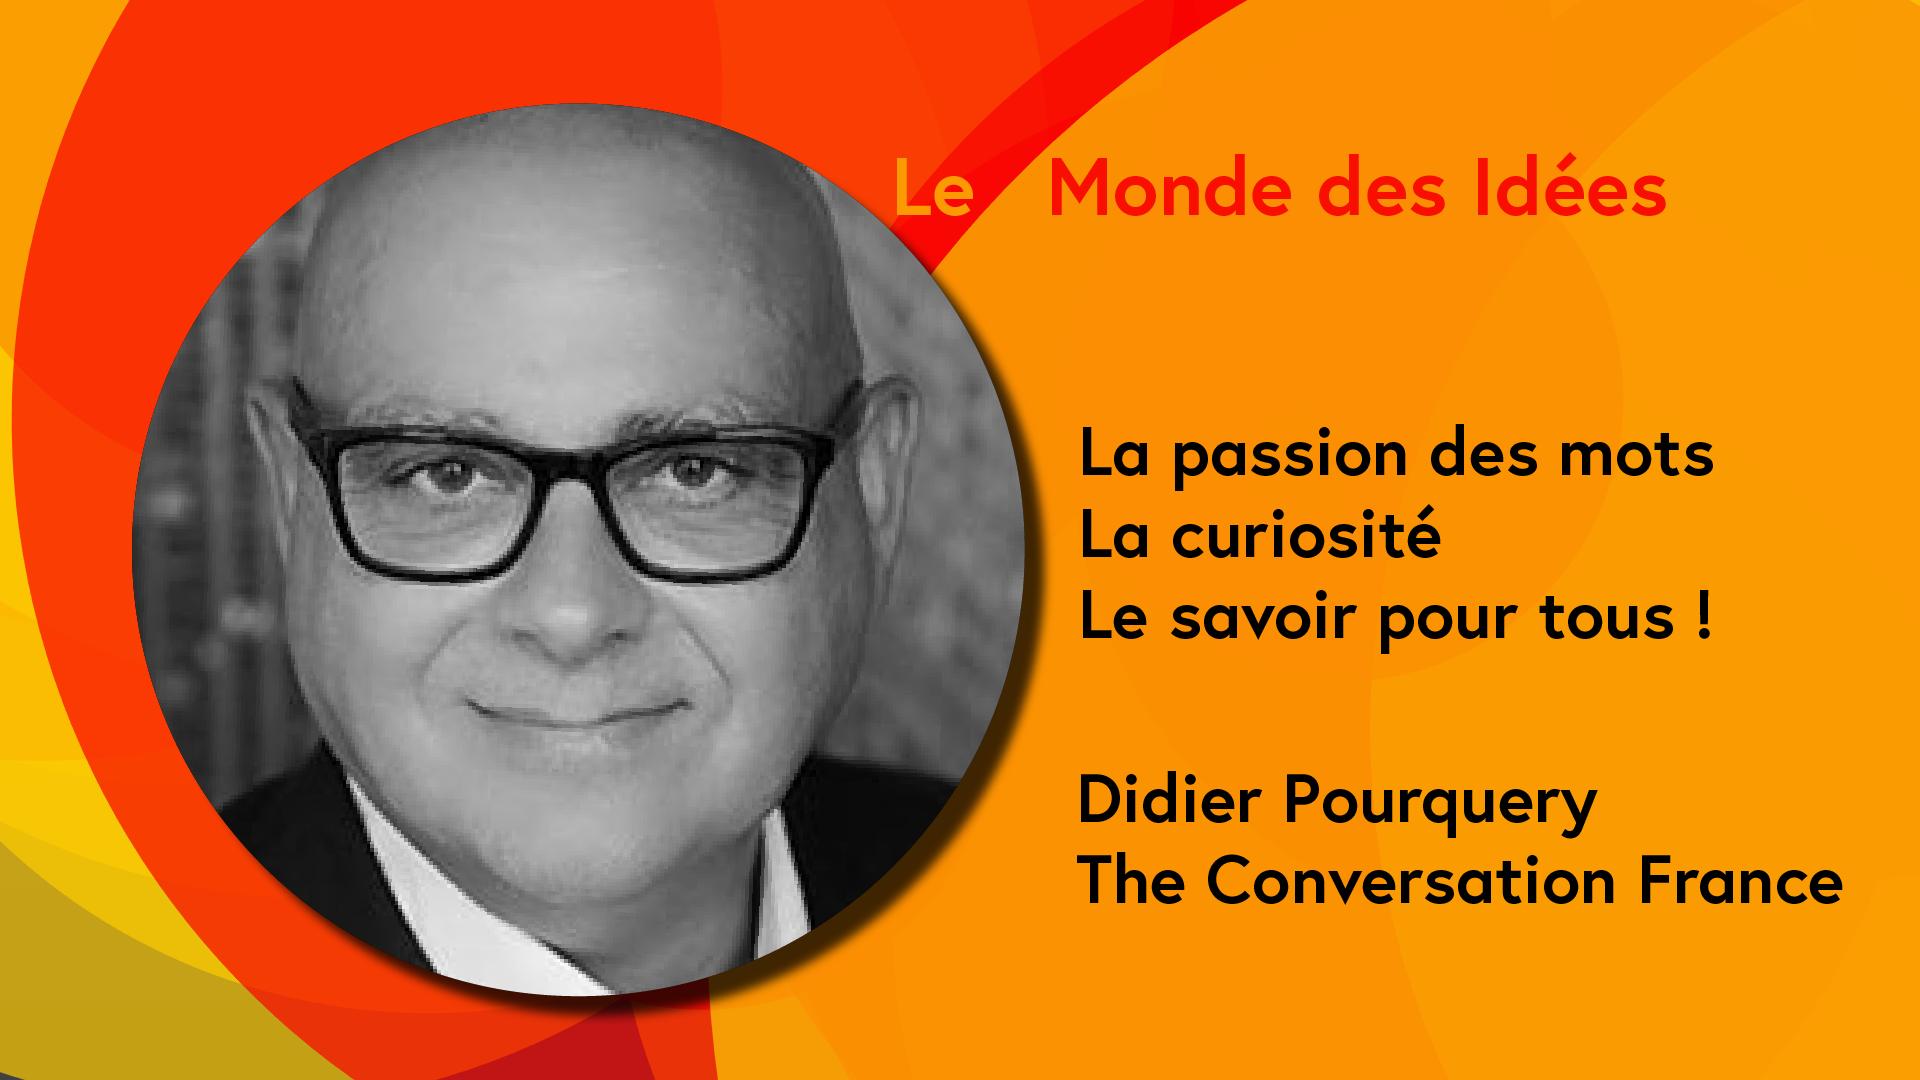 le monde des idées Didier Pourquéry intro-01.png